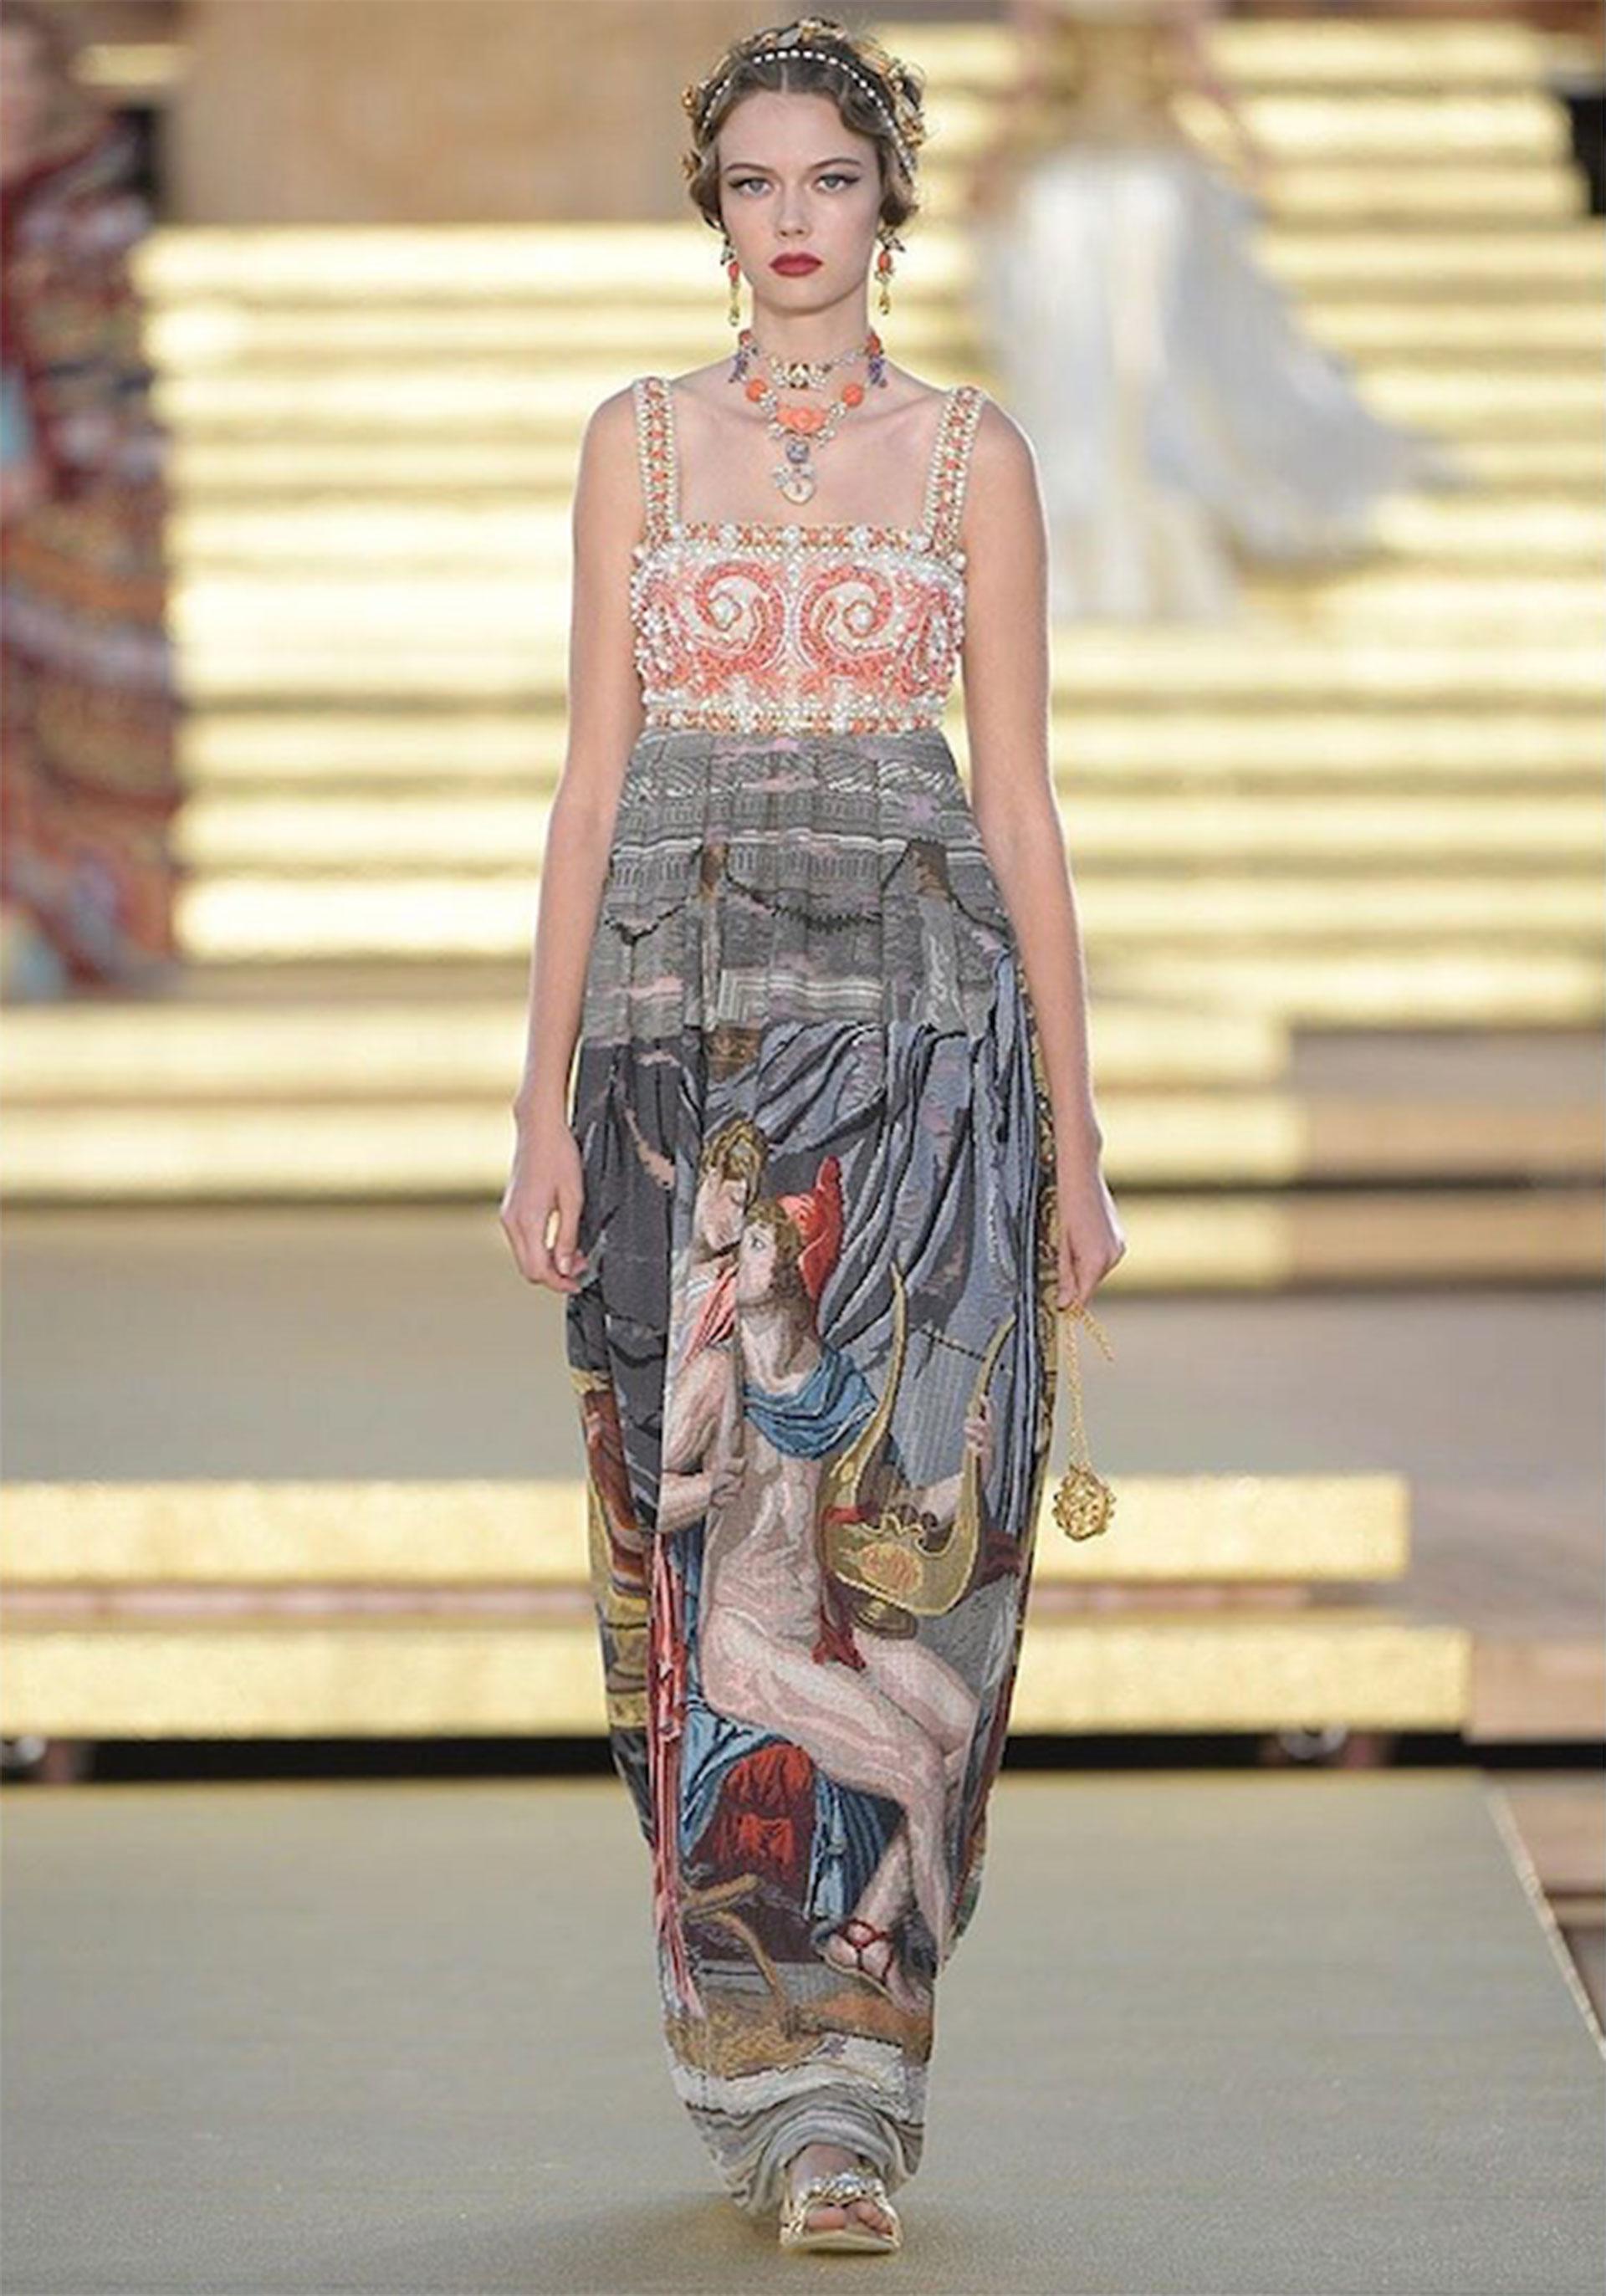 Vestido de la línea Imperial con top corset bordado con cristales de lentejuelas y corales reales. La falda está totalmente bordada con la técnica de punto de cruz, reproduciendo la obra de Jacques Luois David, el amor de Helen y Pericles, 1789.